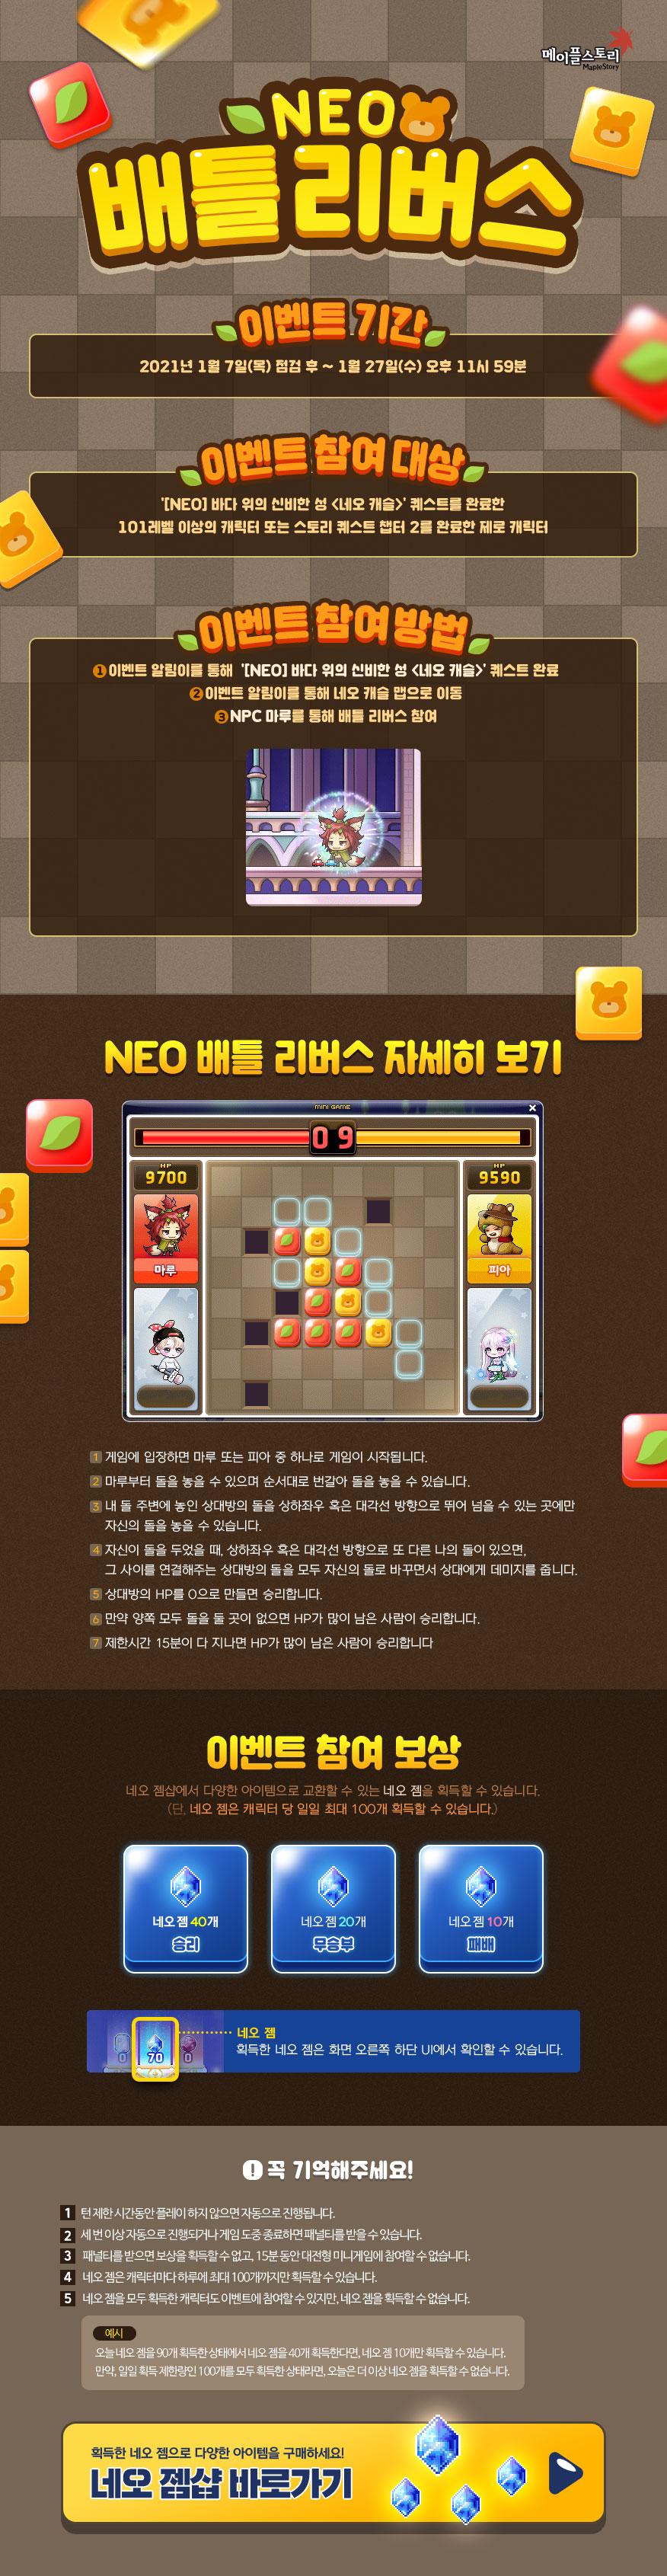 NEO 배틀 리버스